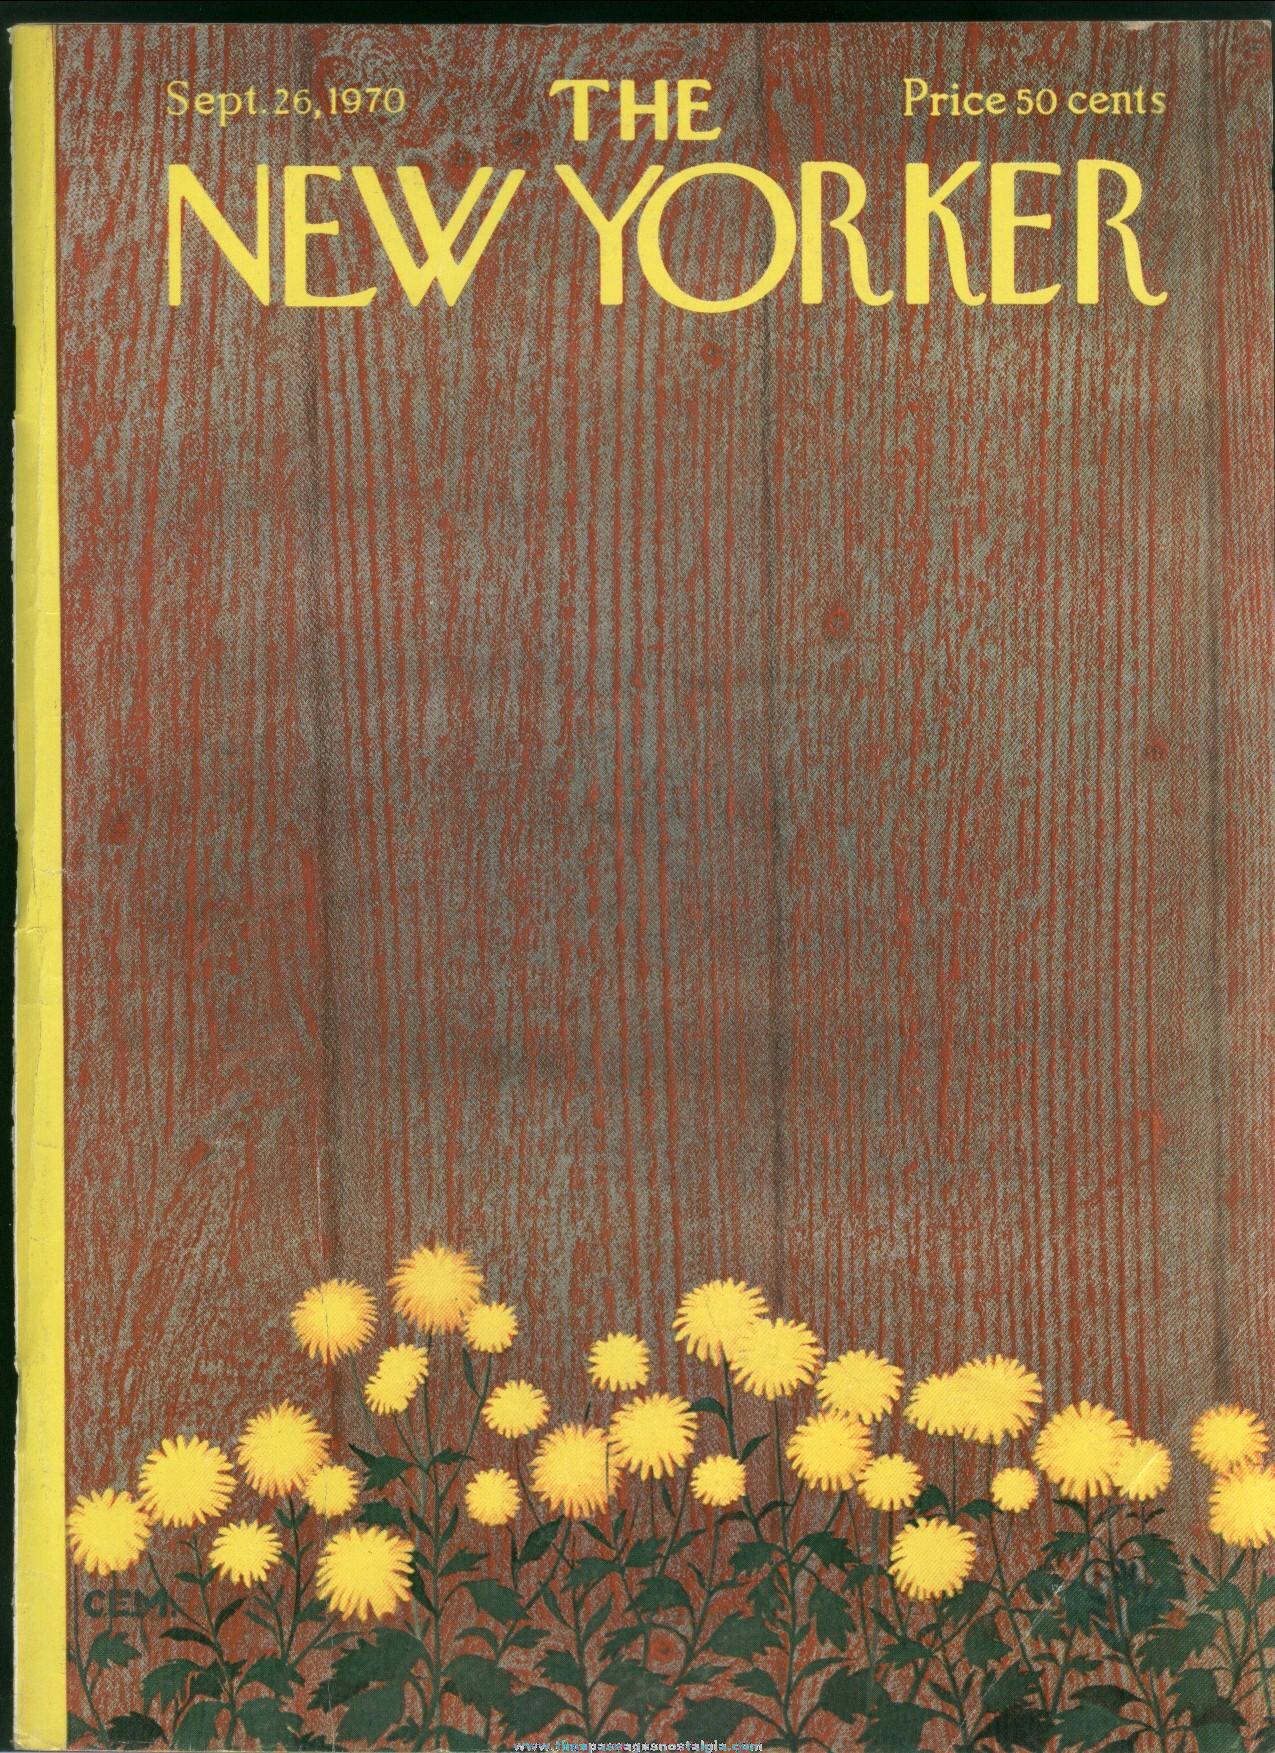 New Yorker Magazine - September 26, 1970 - Cover by Charles E. Martin